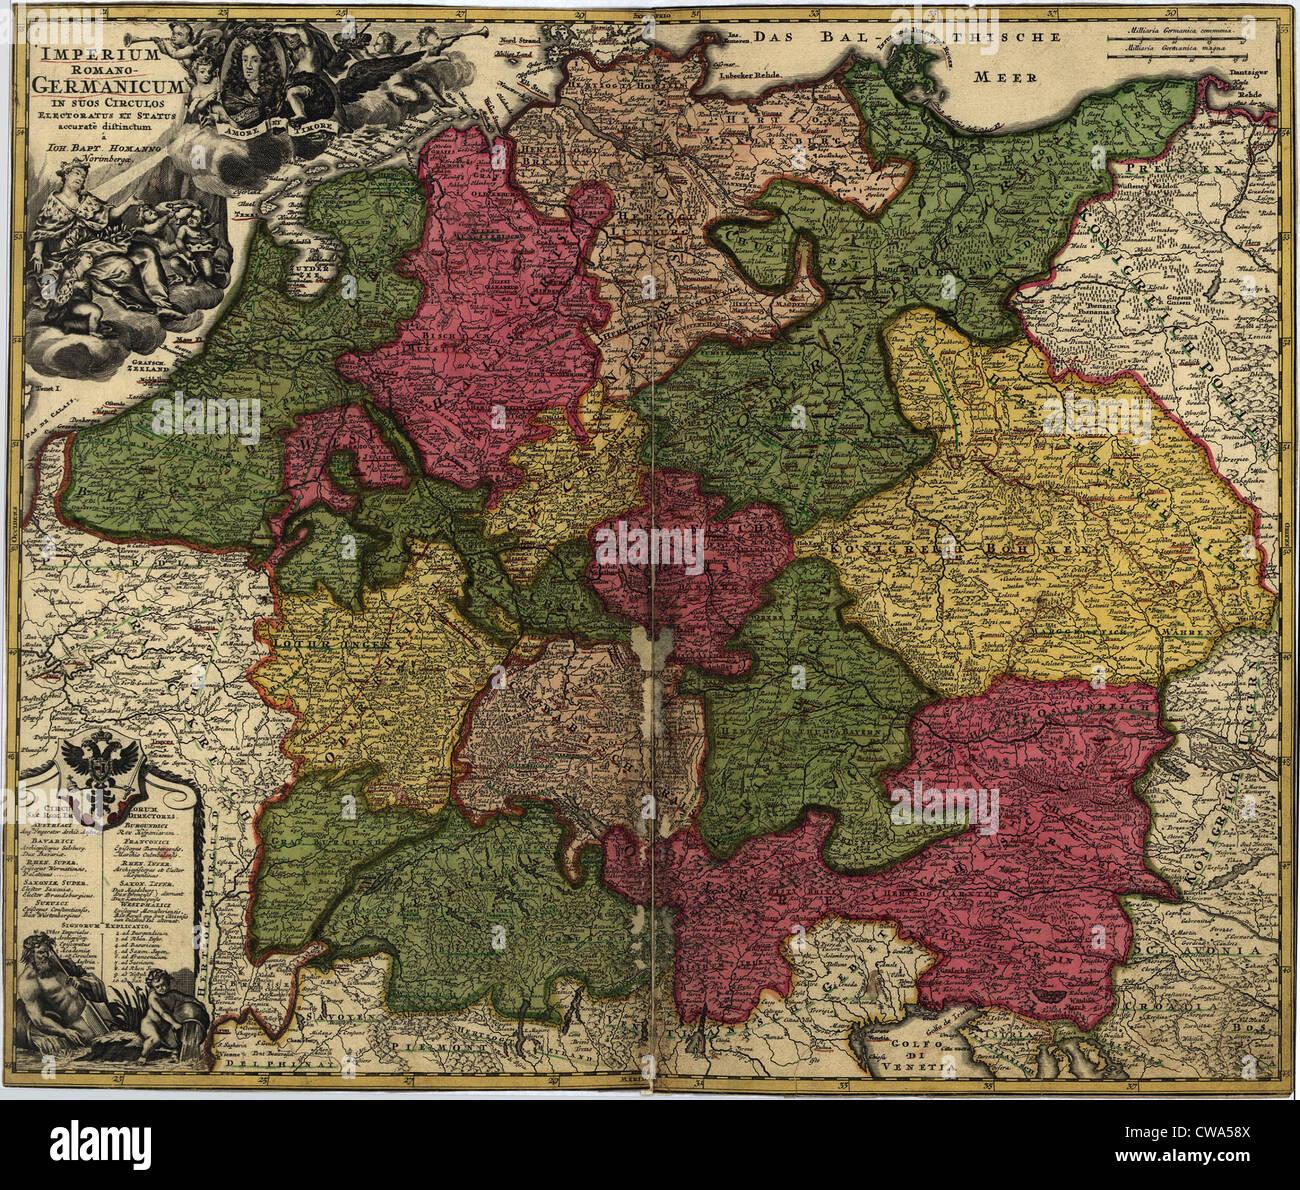 Mappa di Stati tedeschi, poi il Sacro Romano Impero, dall'inizio del XVIII secolo. Immagini Stock